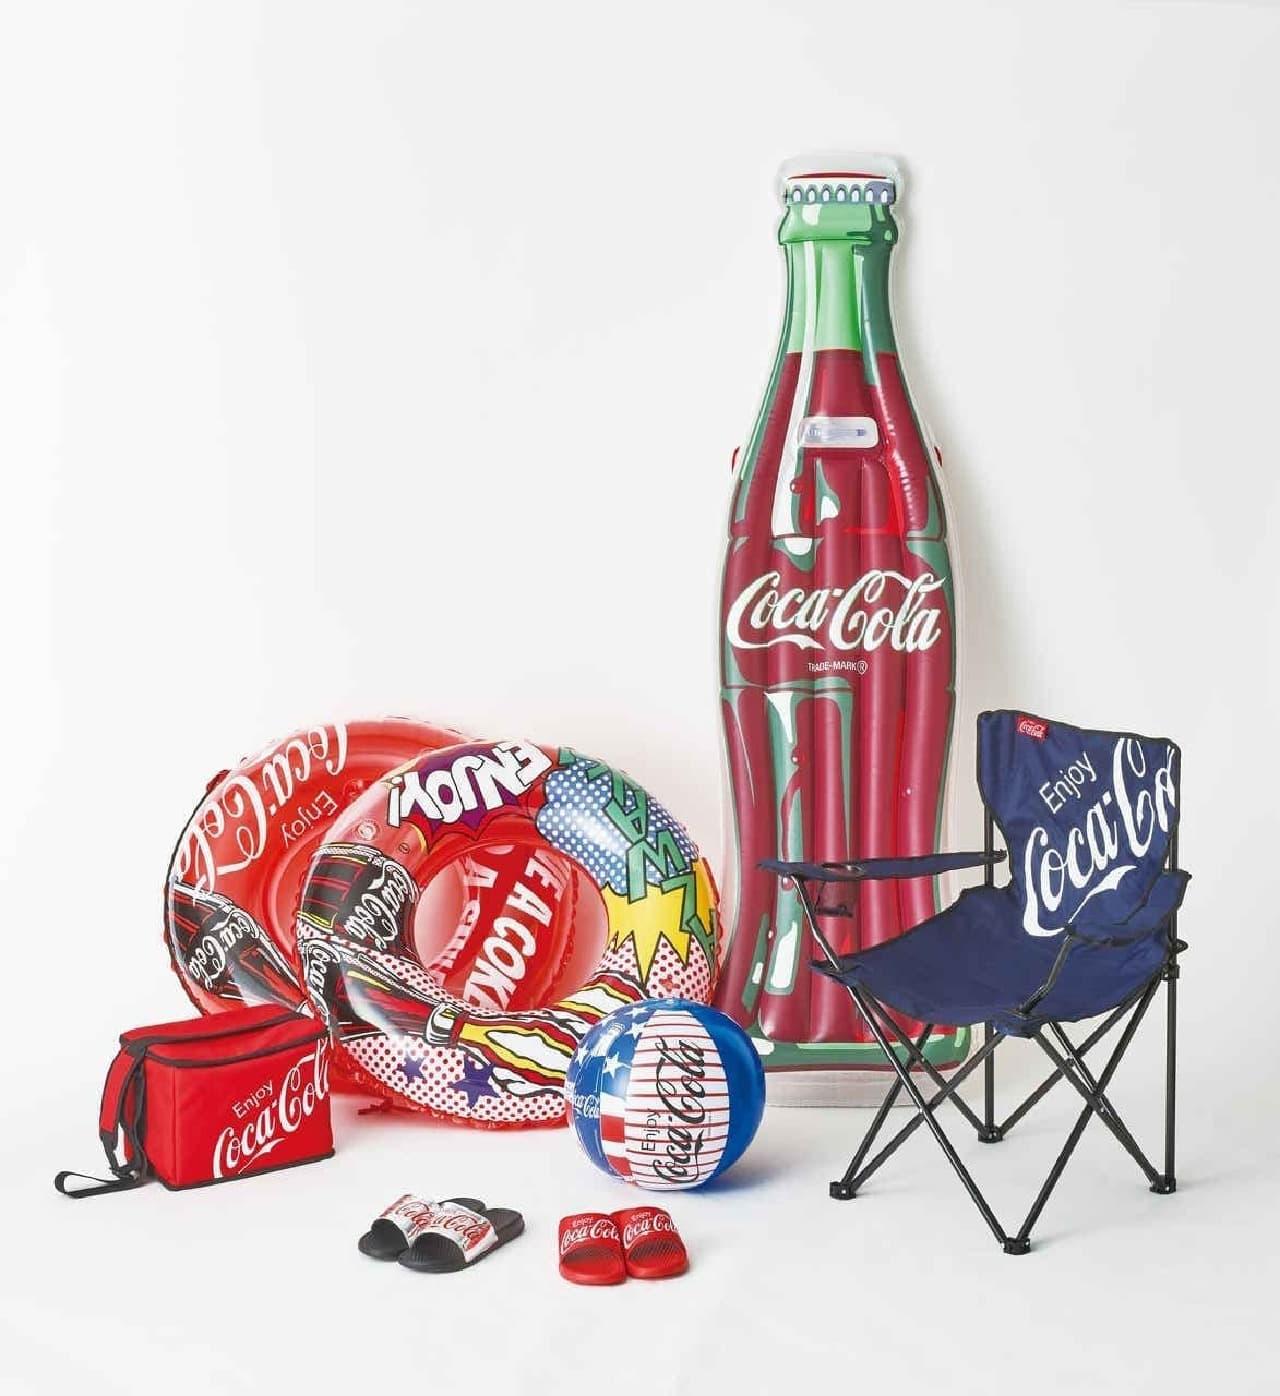 コカ・コーラ アウトドアグッズ